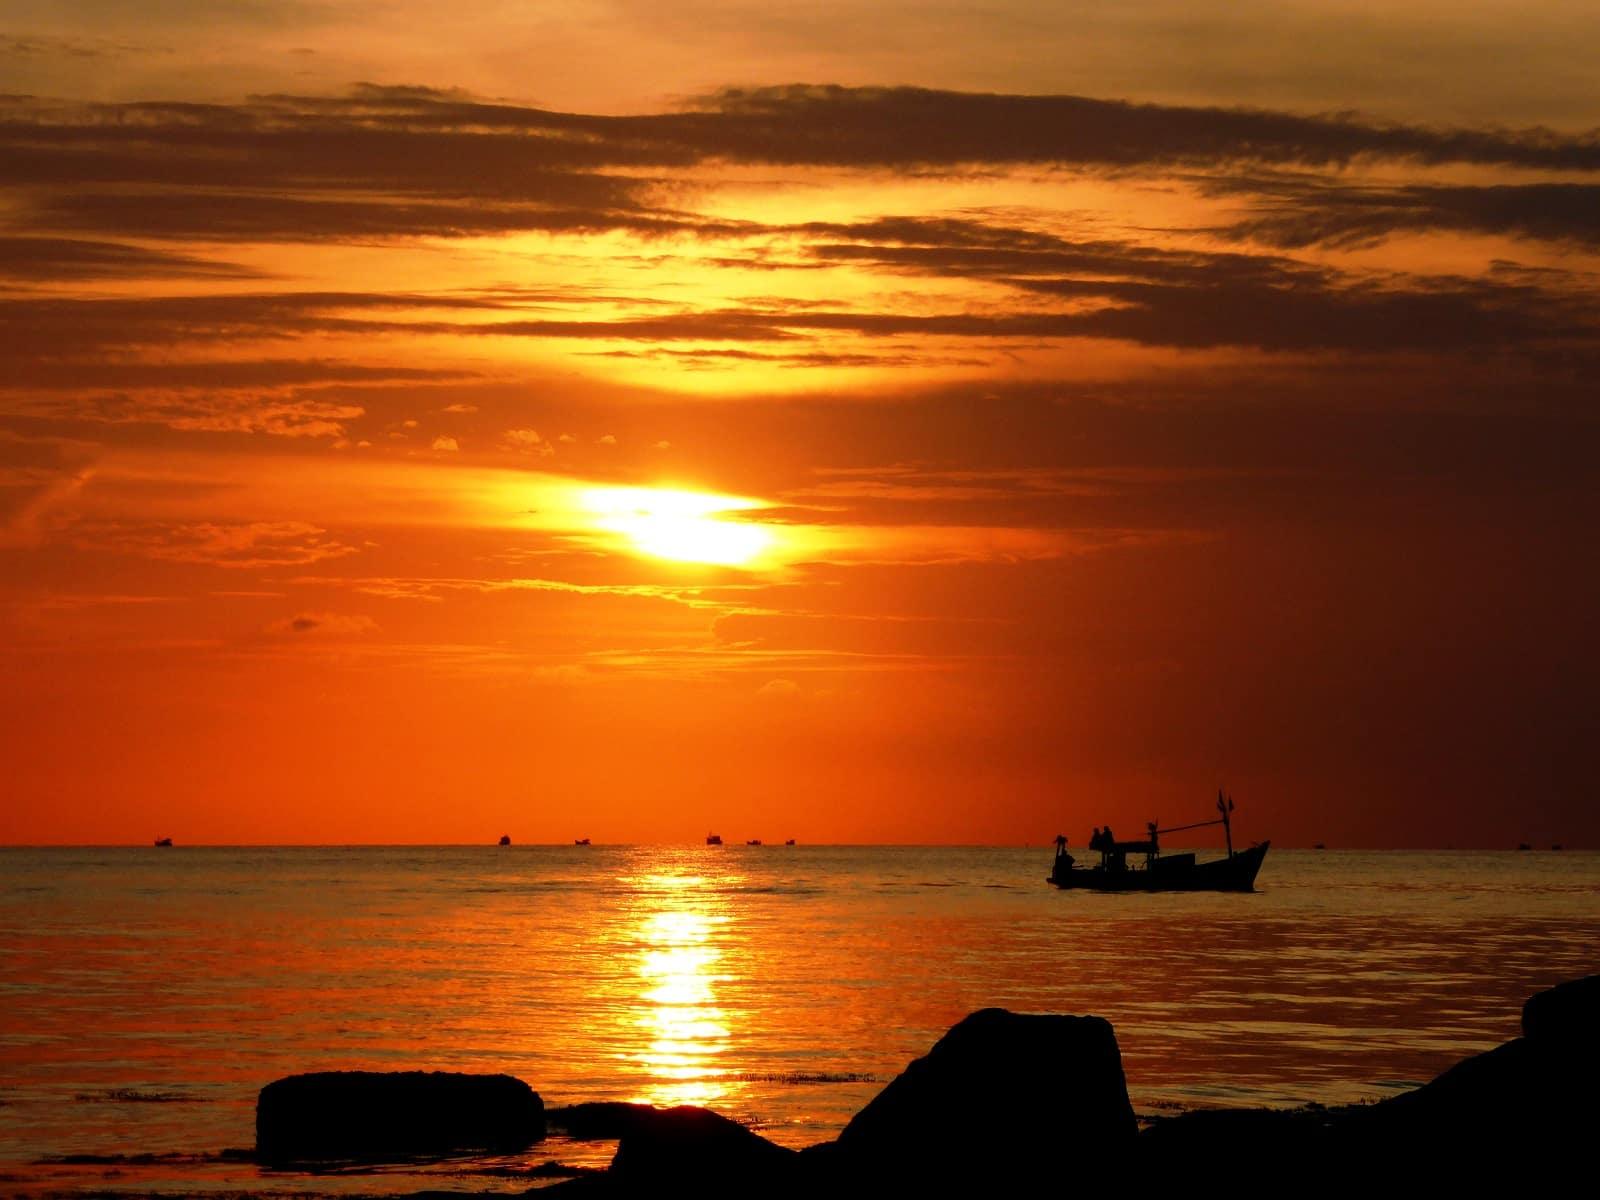 Les plages du Sud Vietnam : Hoi An, Mui Ne et Phu Quoc